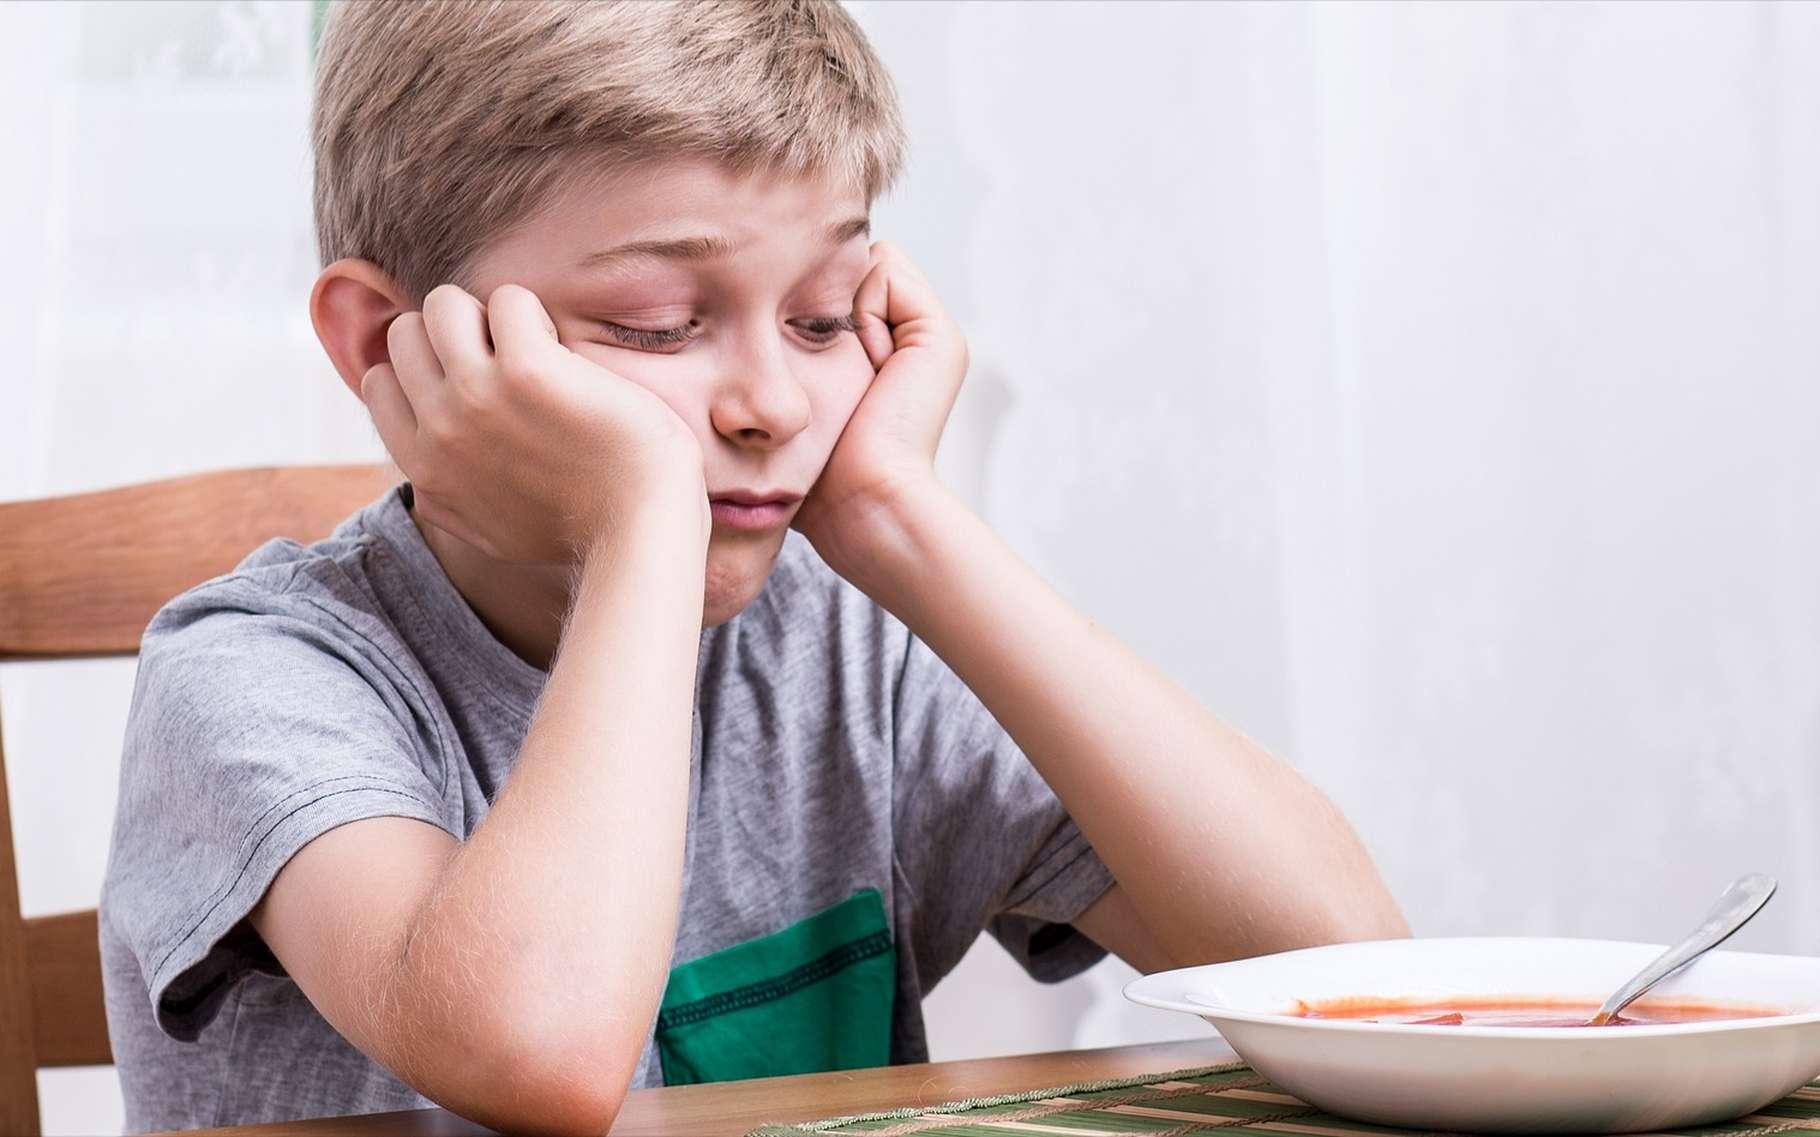 Si votre enfant refuse de manger certains aliments, ce n'est pas forcément de votre faute… © Photographee.eu, Shutterstock